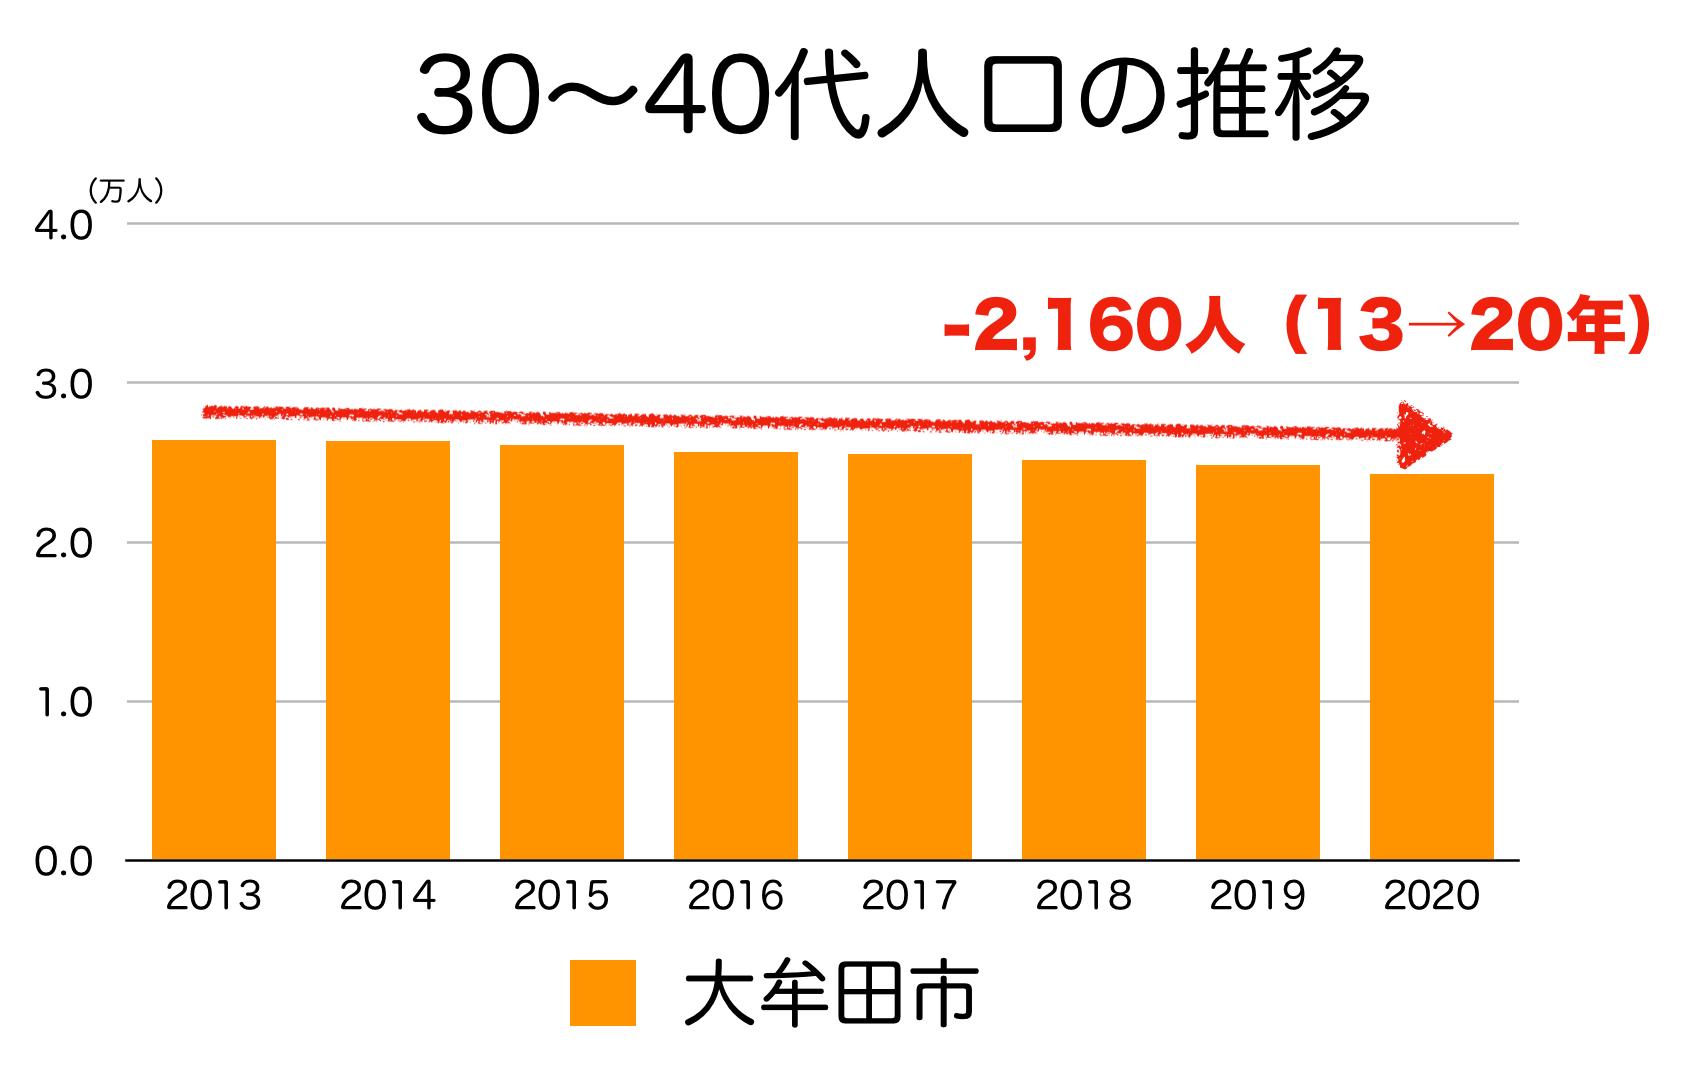 大牟田市の30〜40代人口の推移